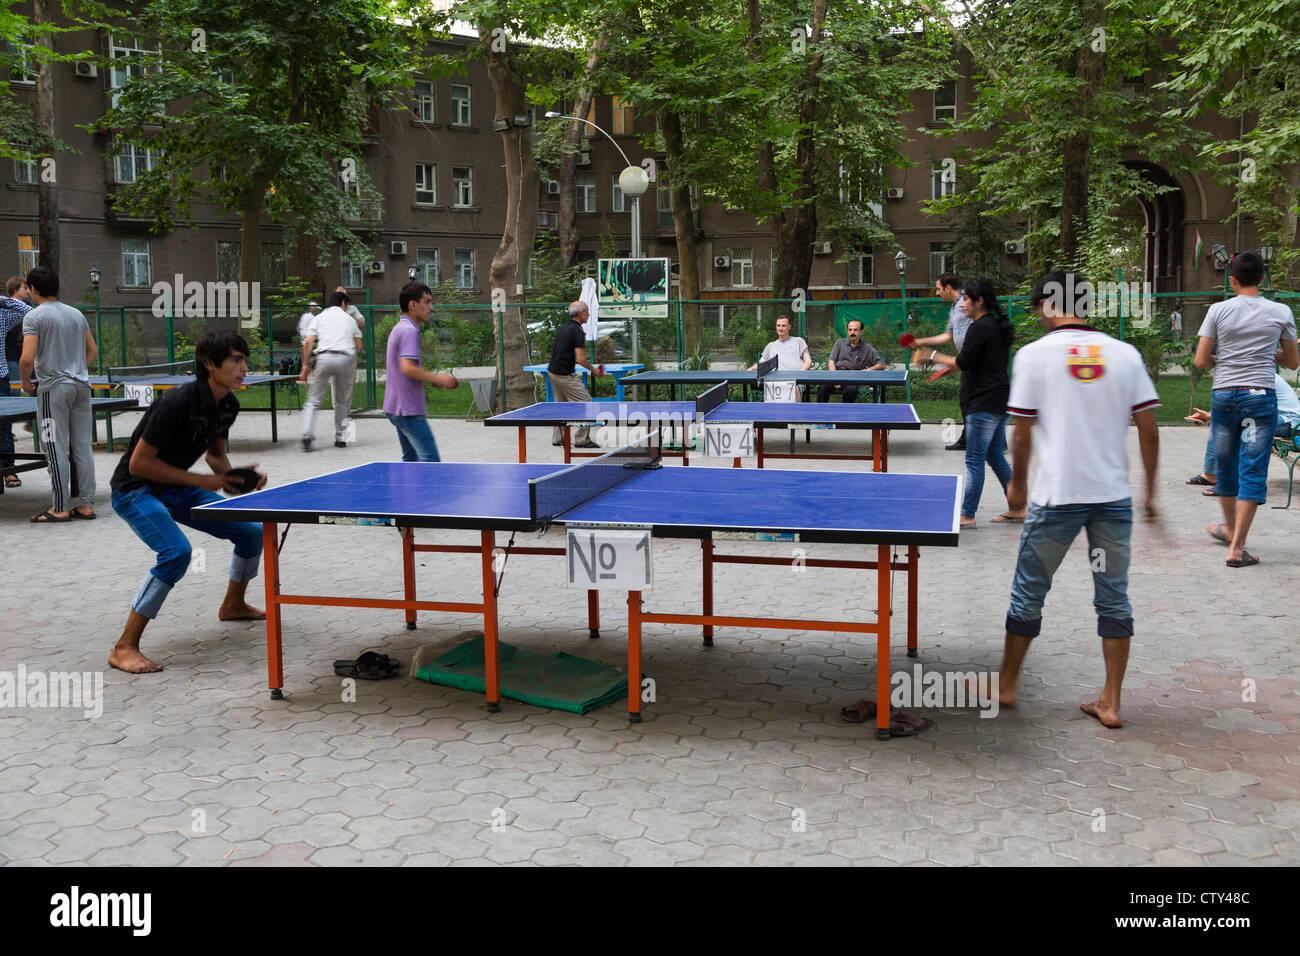 Jóvenes jugando al tenis de mesa en mesas al aire libre en Dushanbe, Tayikistán Imagen De Stock